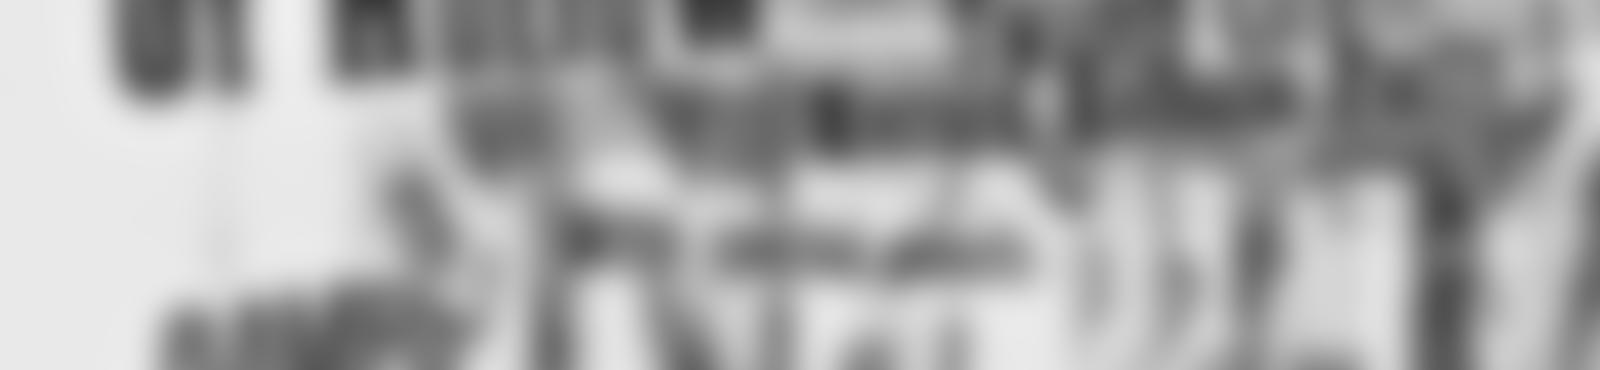 Blurred 0633654f 282f 48fb a84f c8a25f6a2ce6